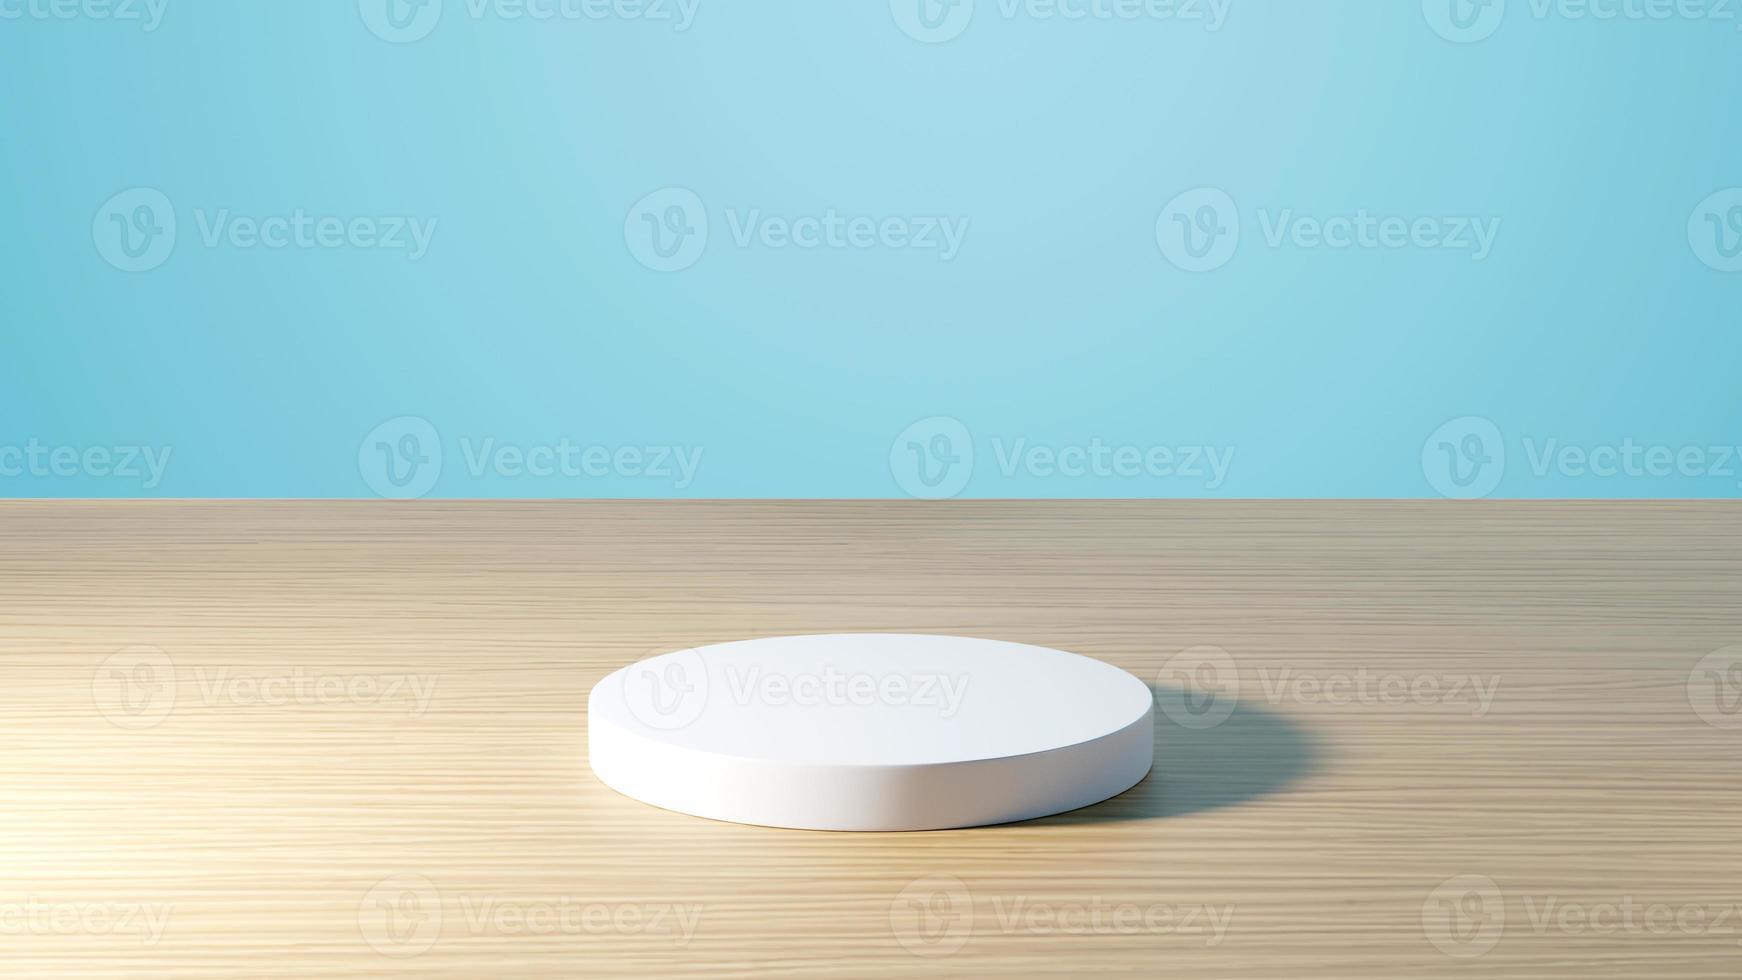 Renderização 3D de maquete de pódio branco premium na mesa com fundo azul claro foto